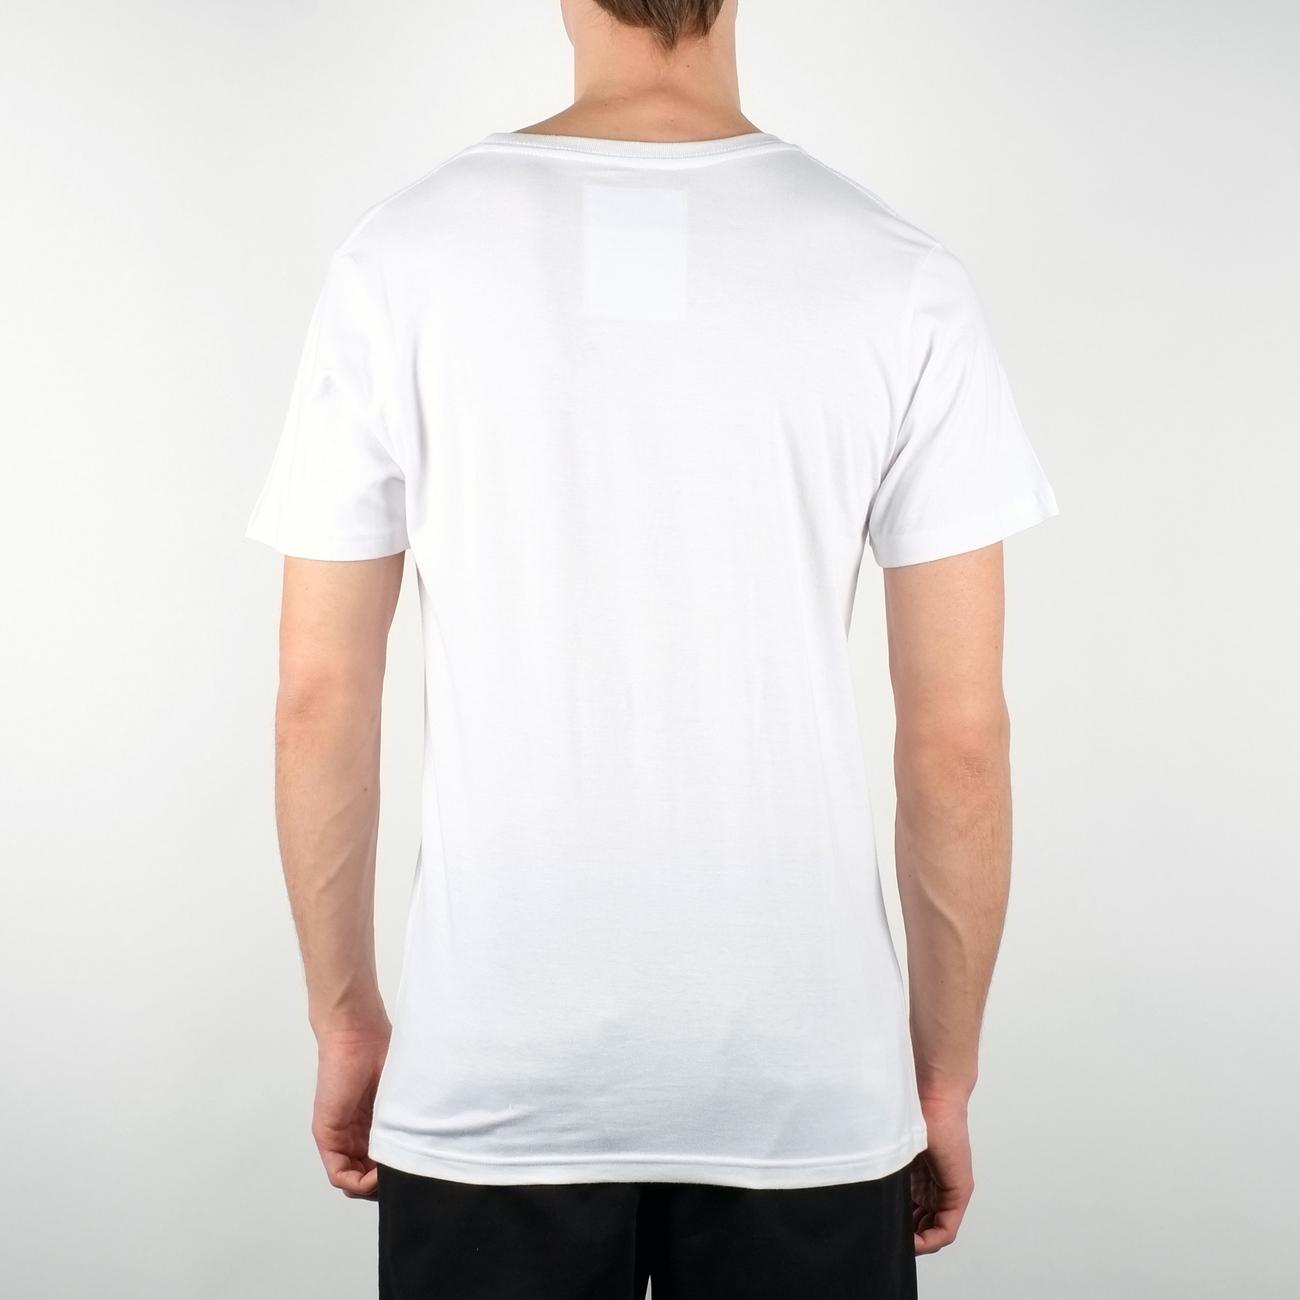 Stockholm T-shirt No Unlocals